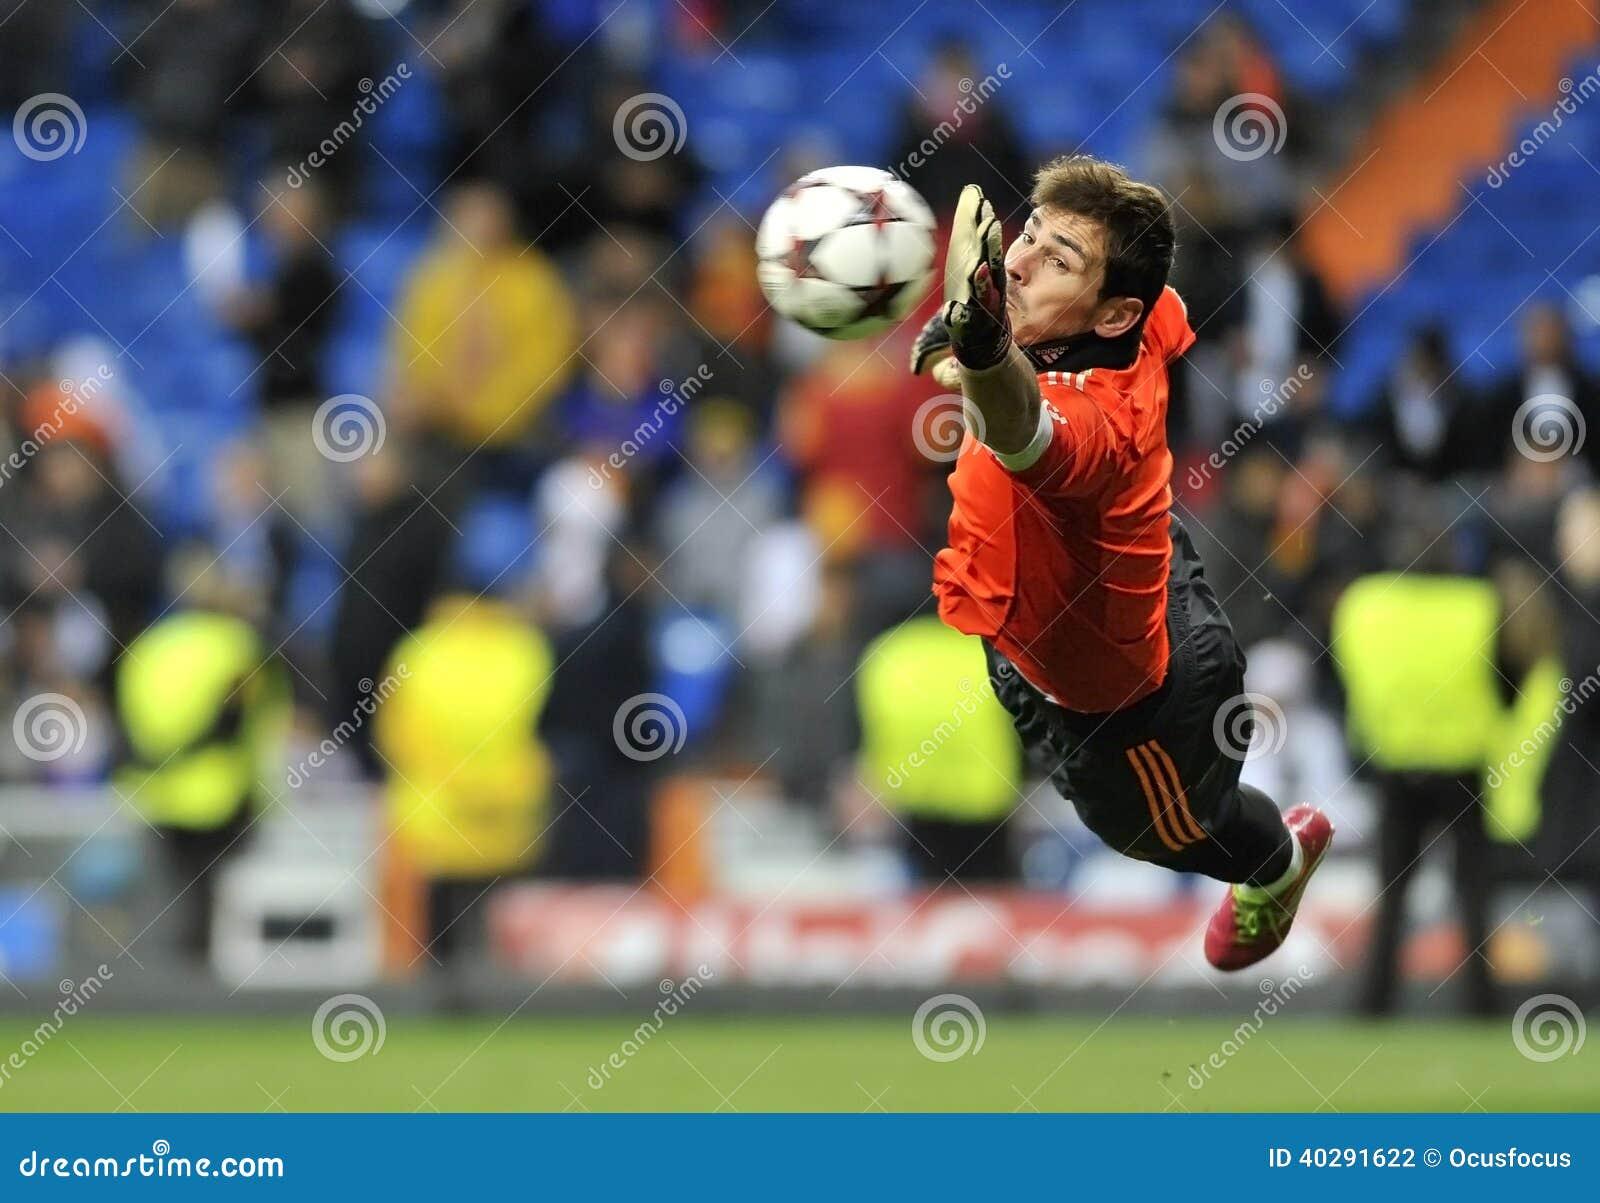 皇马伊克尔・卡西利亚斯的西班牙守门员在行动的